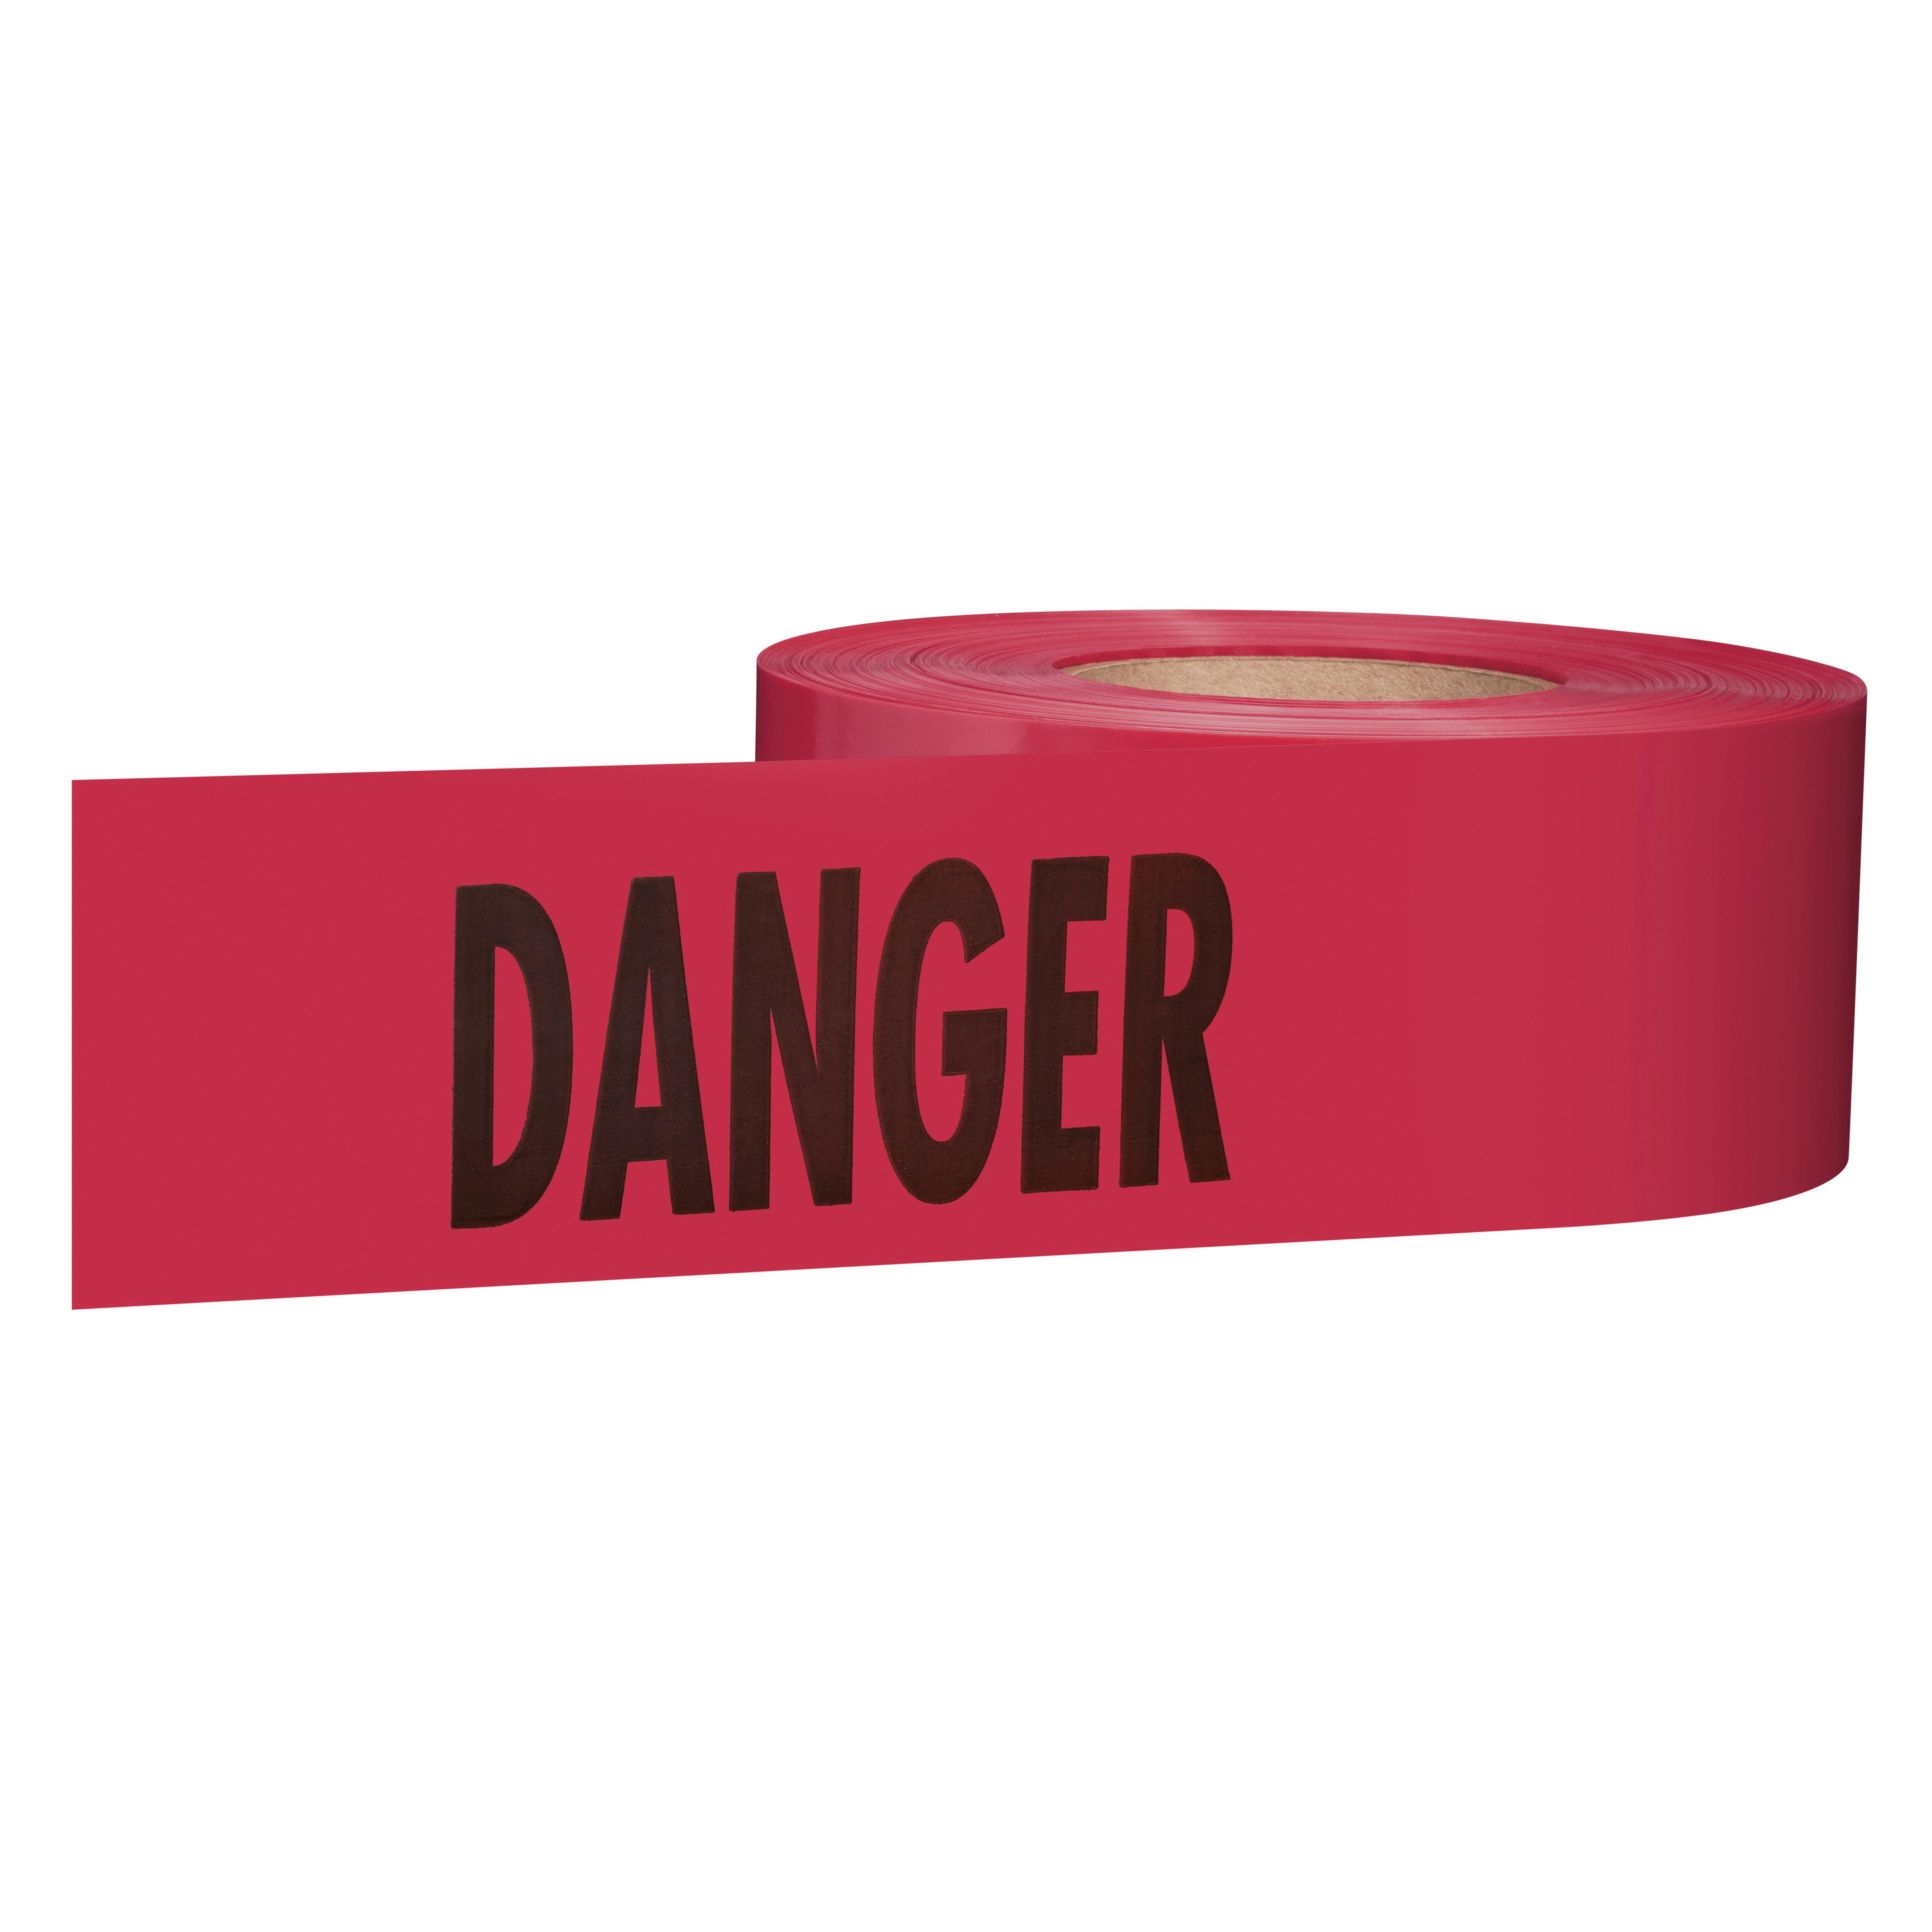 Milwaukee® Empire® 77-1004 Premium Barricade Tape, Red, 3 in W x 1000 ft L, Danger/Danger, Plastic